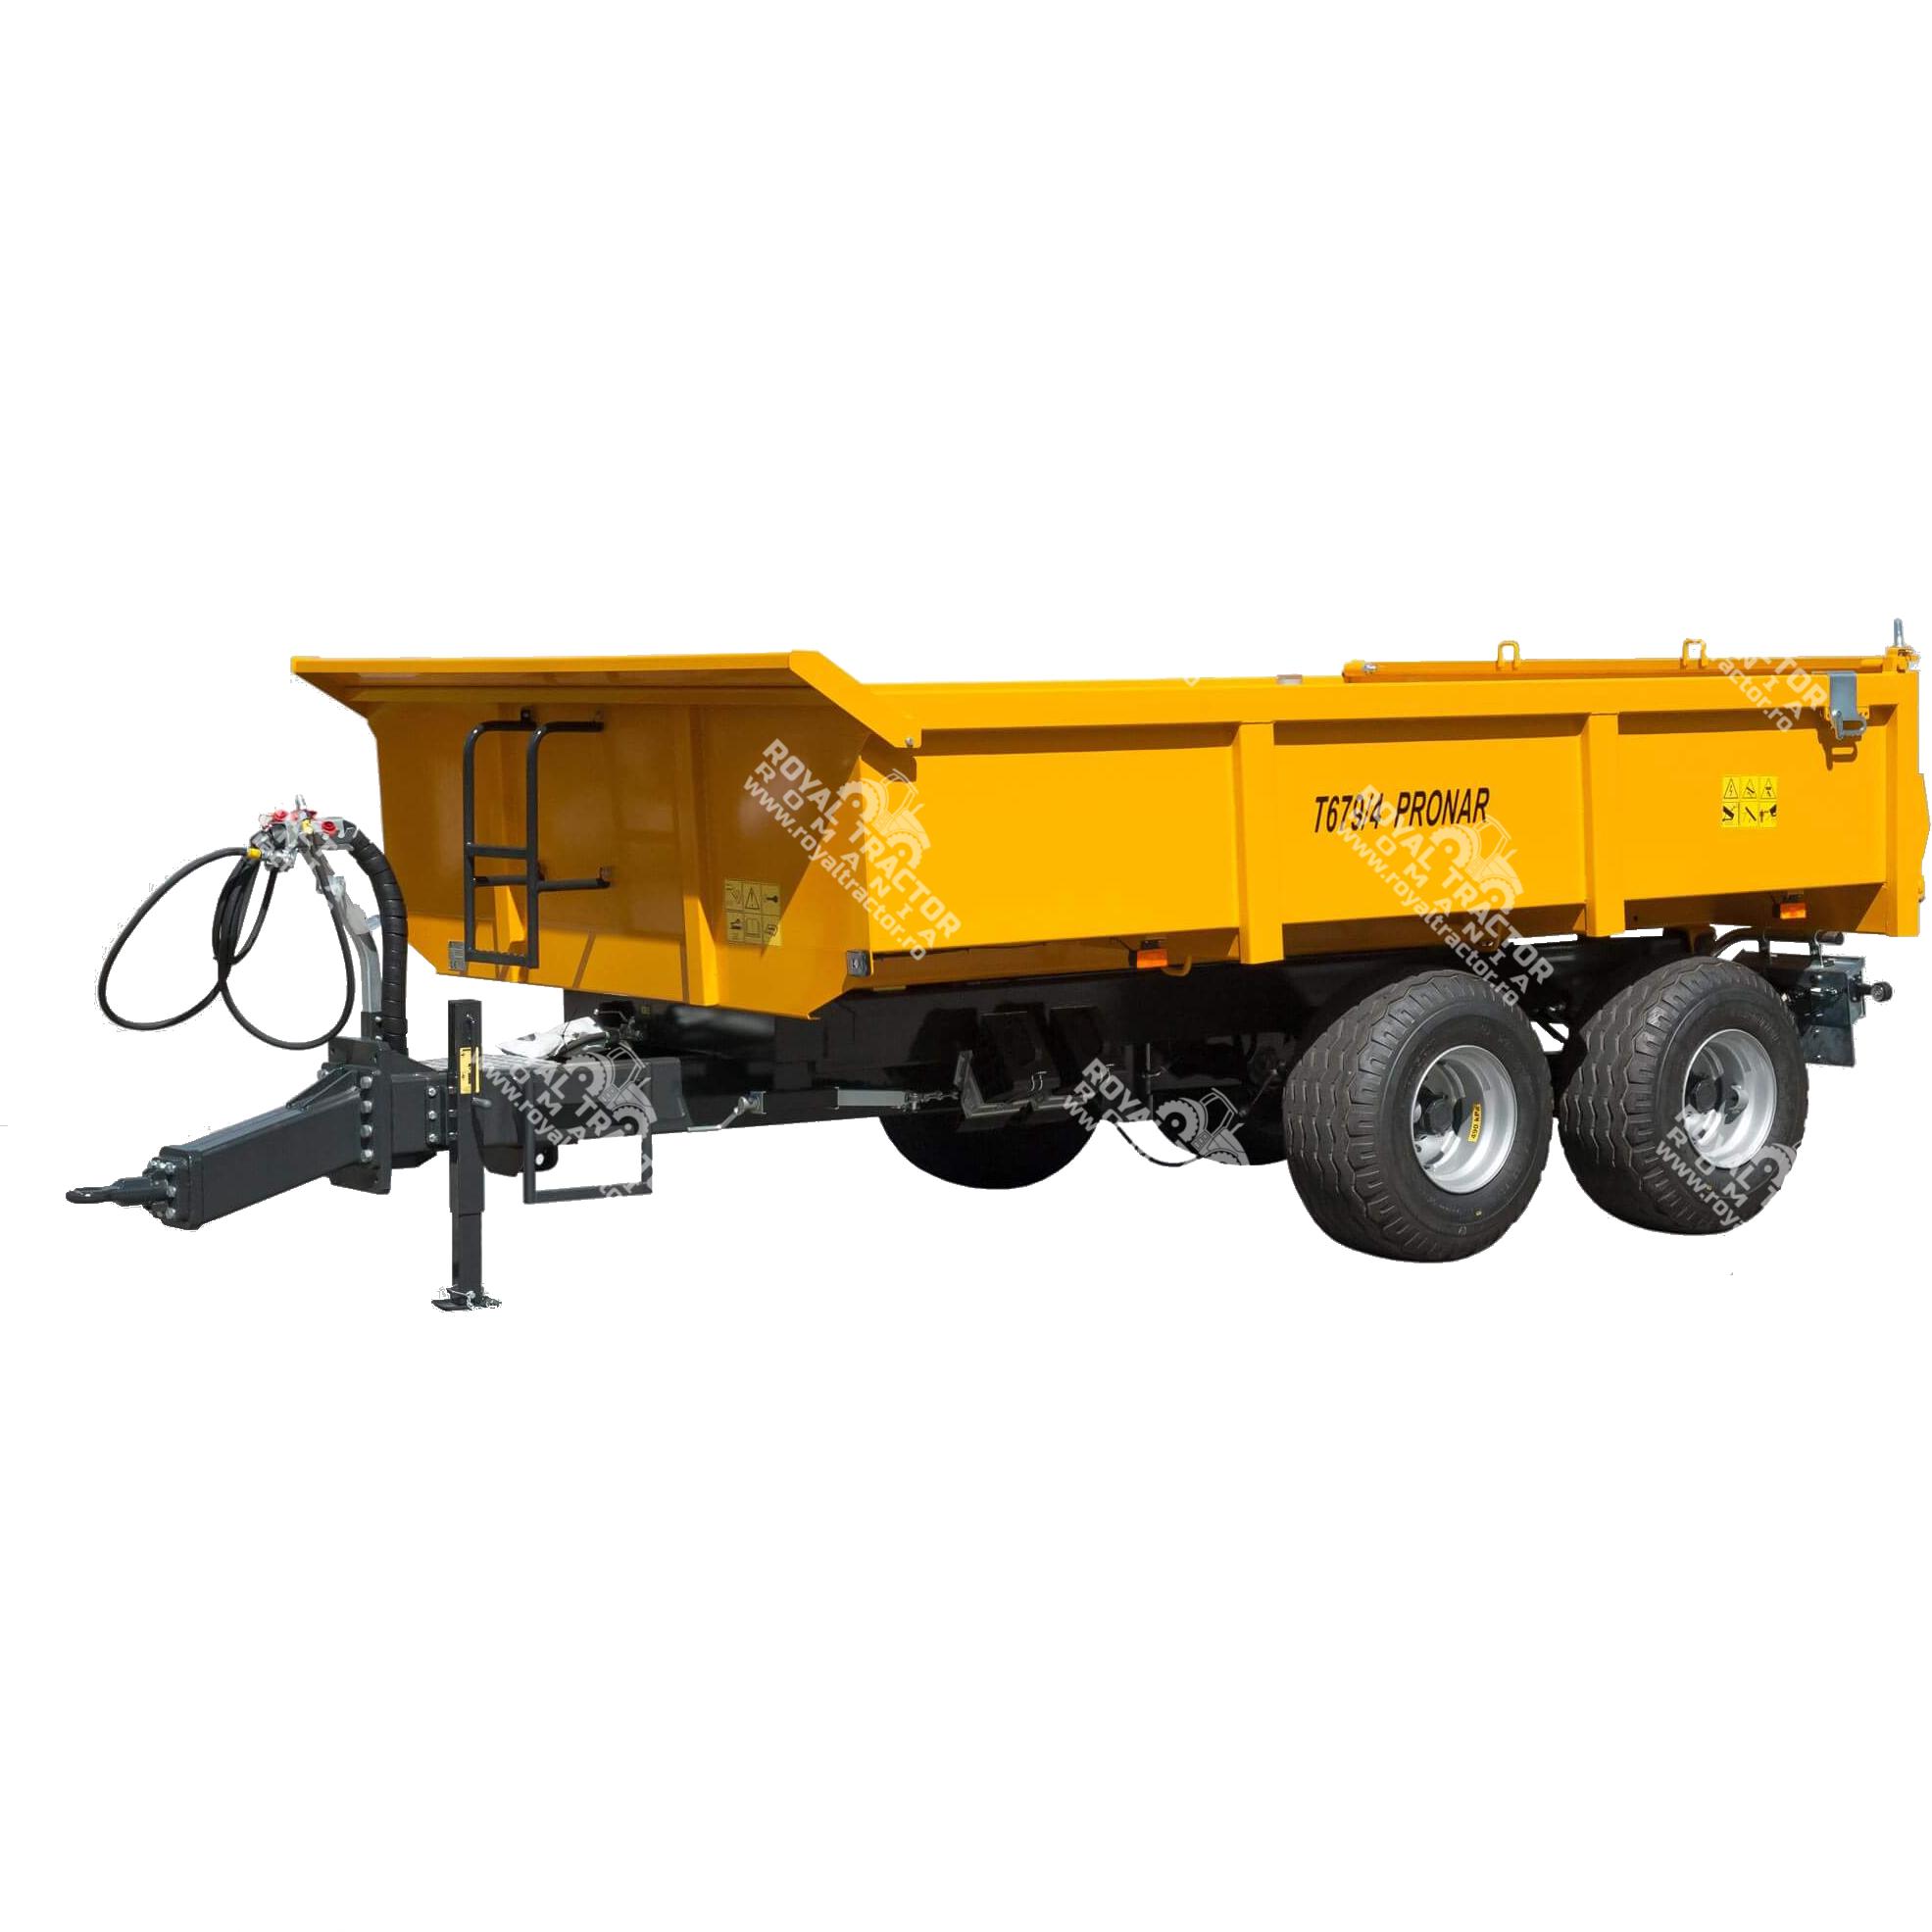 Pronar T679/4 építőipari pótkocsi